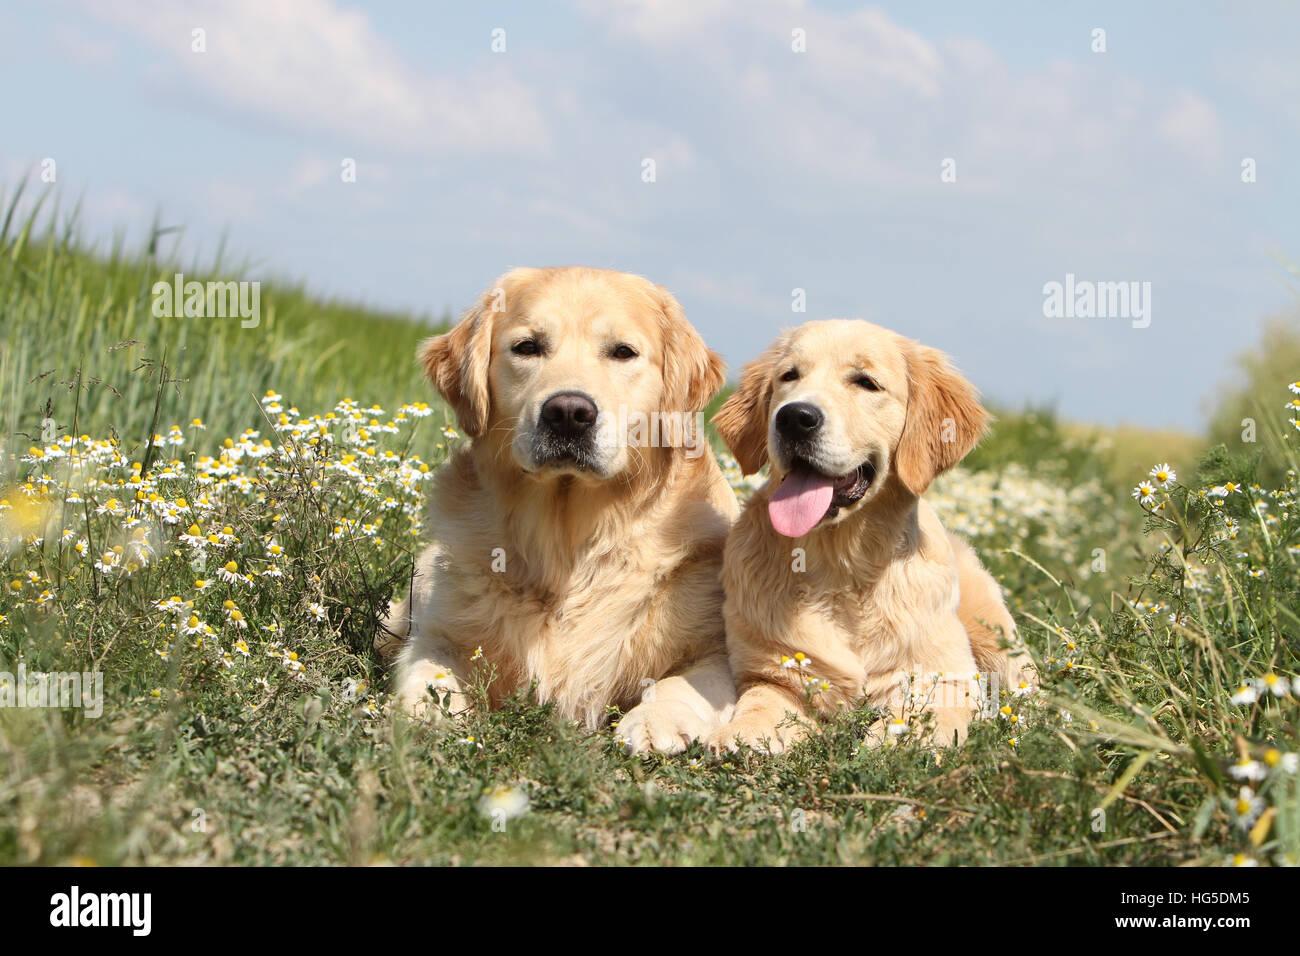 Perro Golden Retriever dos adultos que yacía en el suelo Imagen De Stock